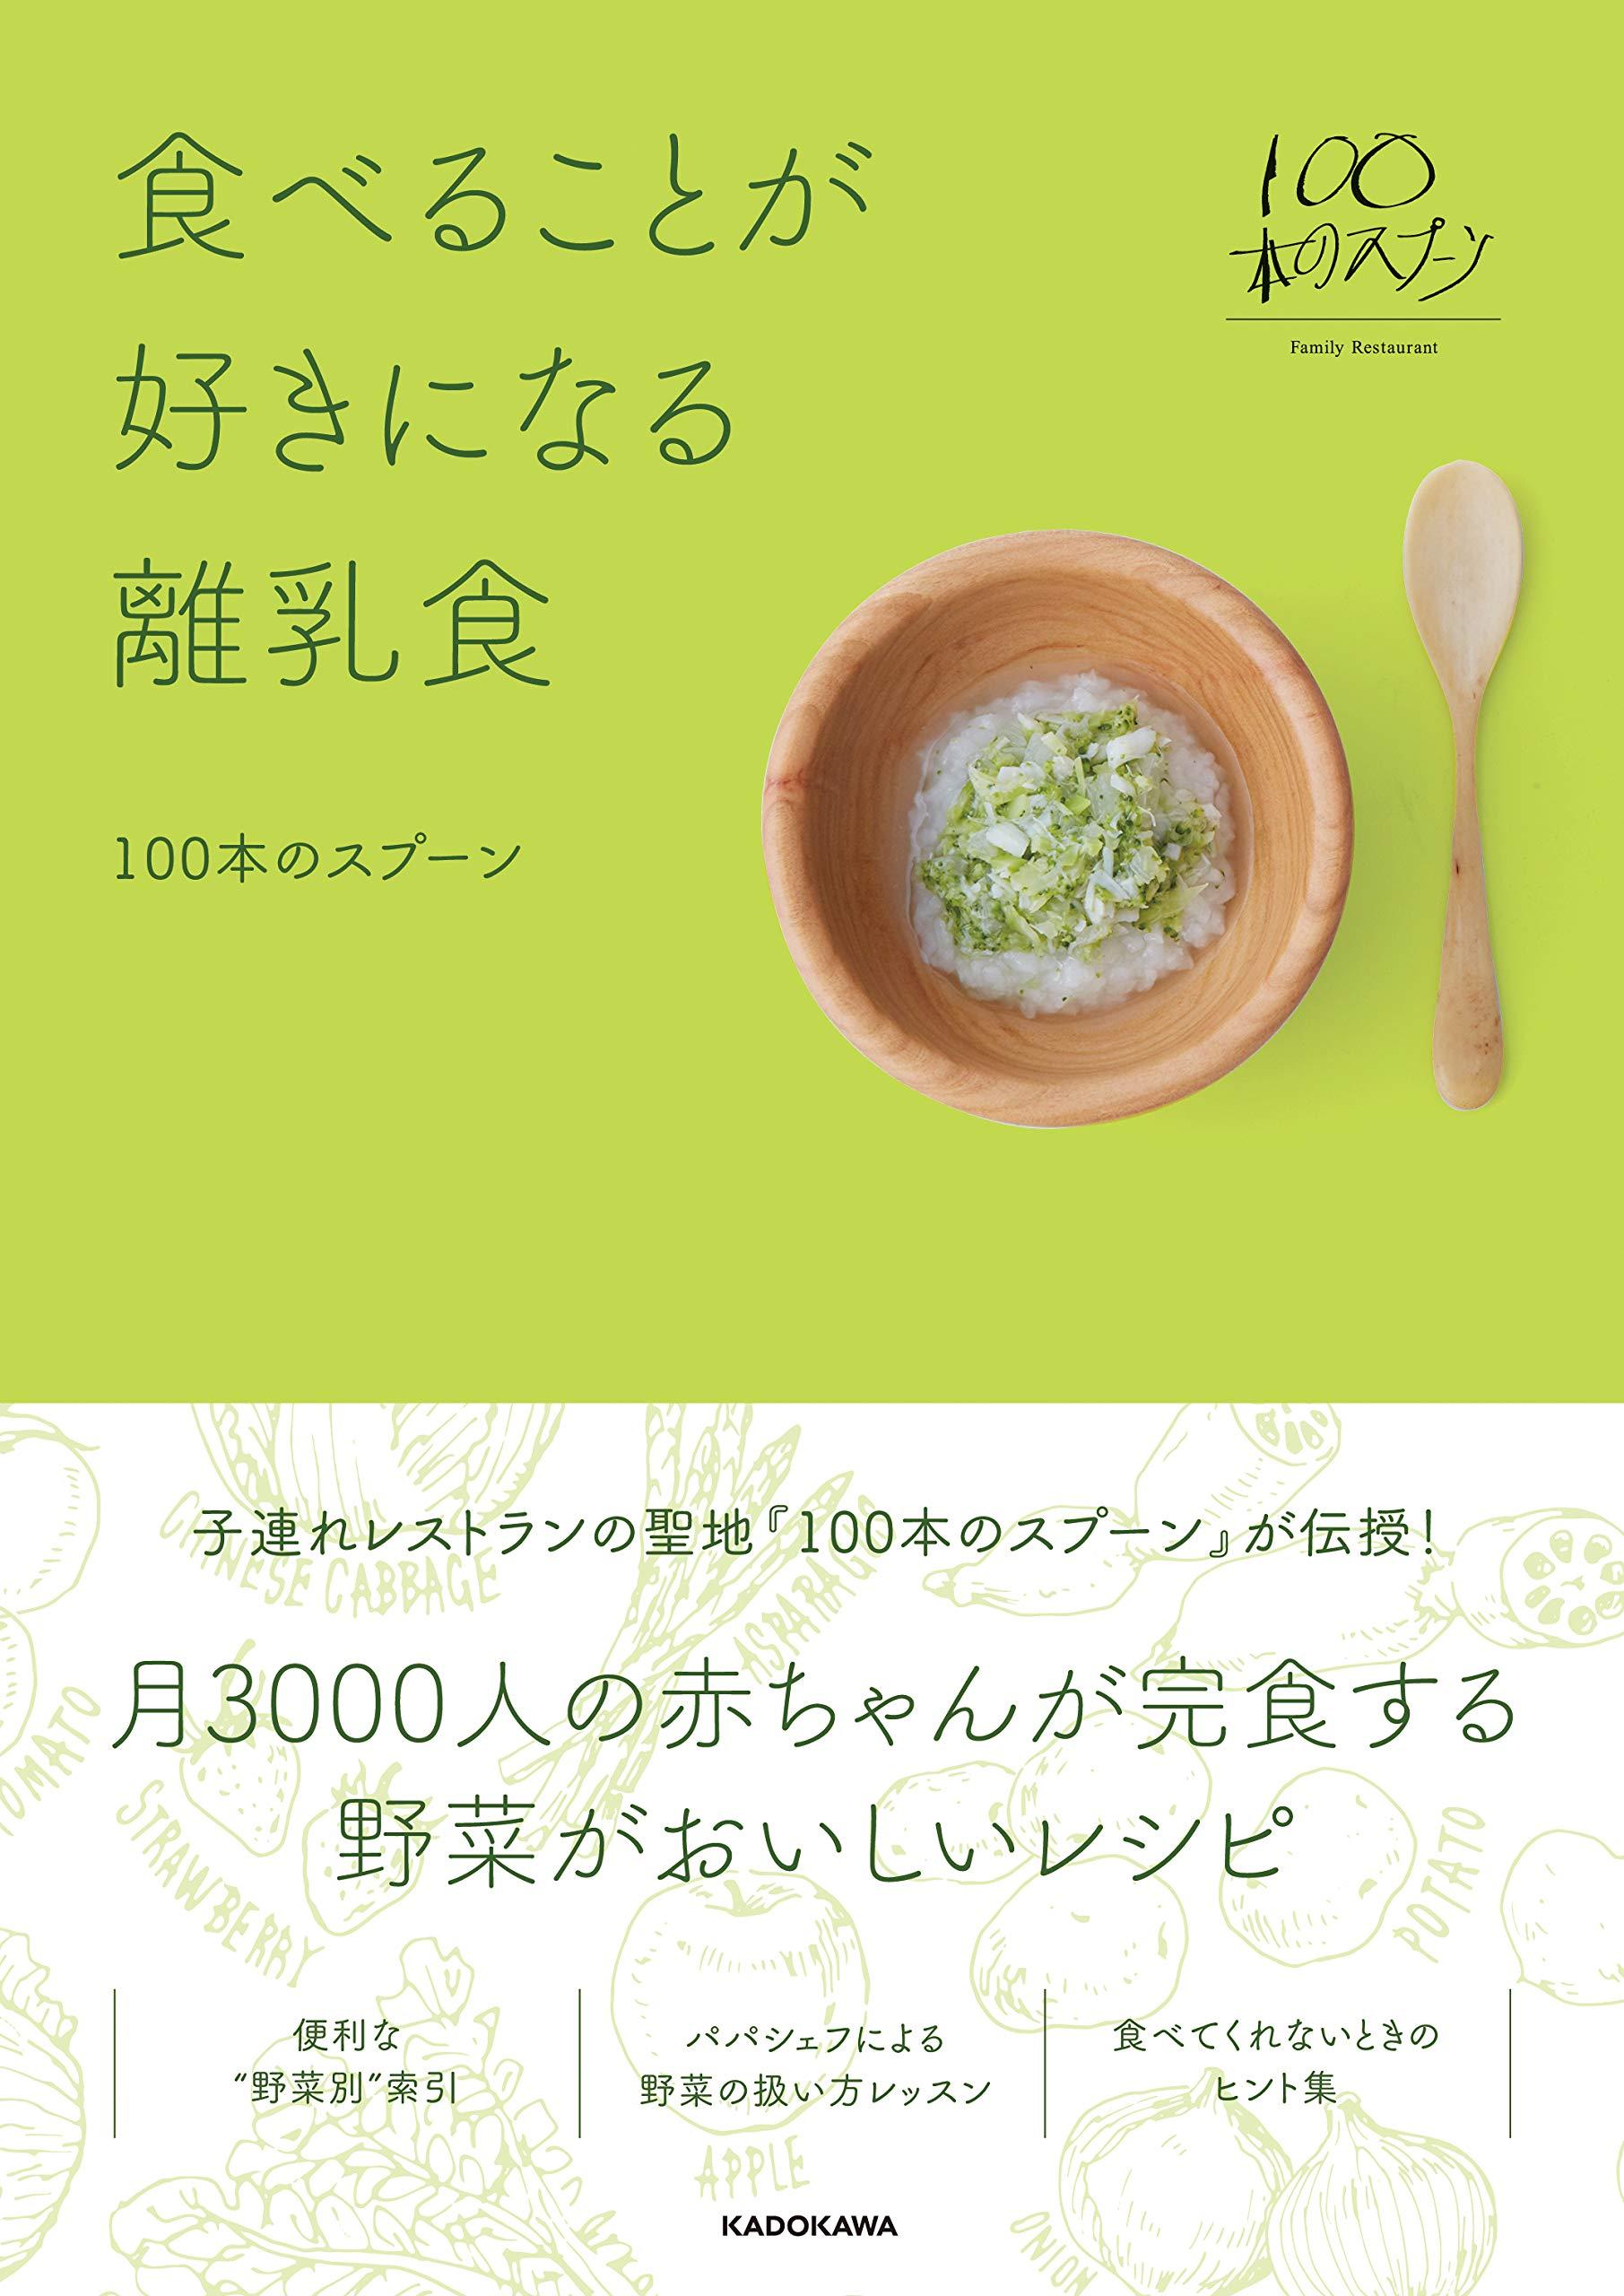 本 の スプーン 100